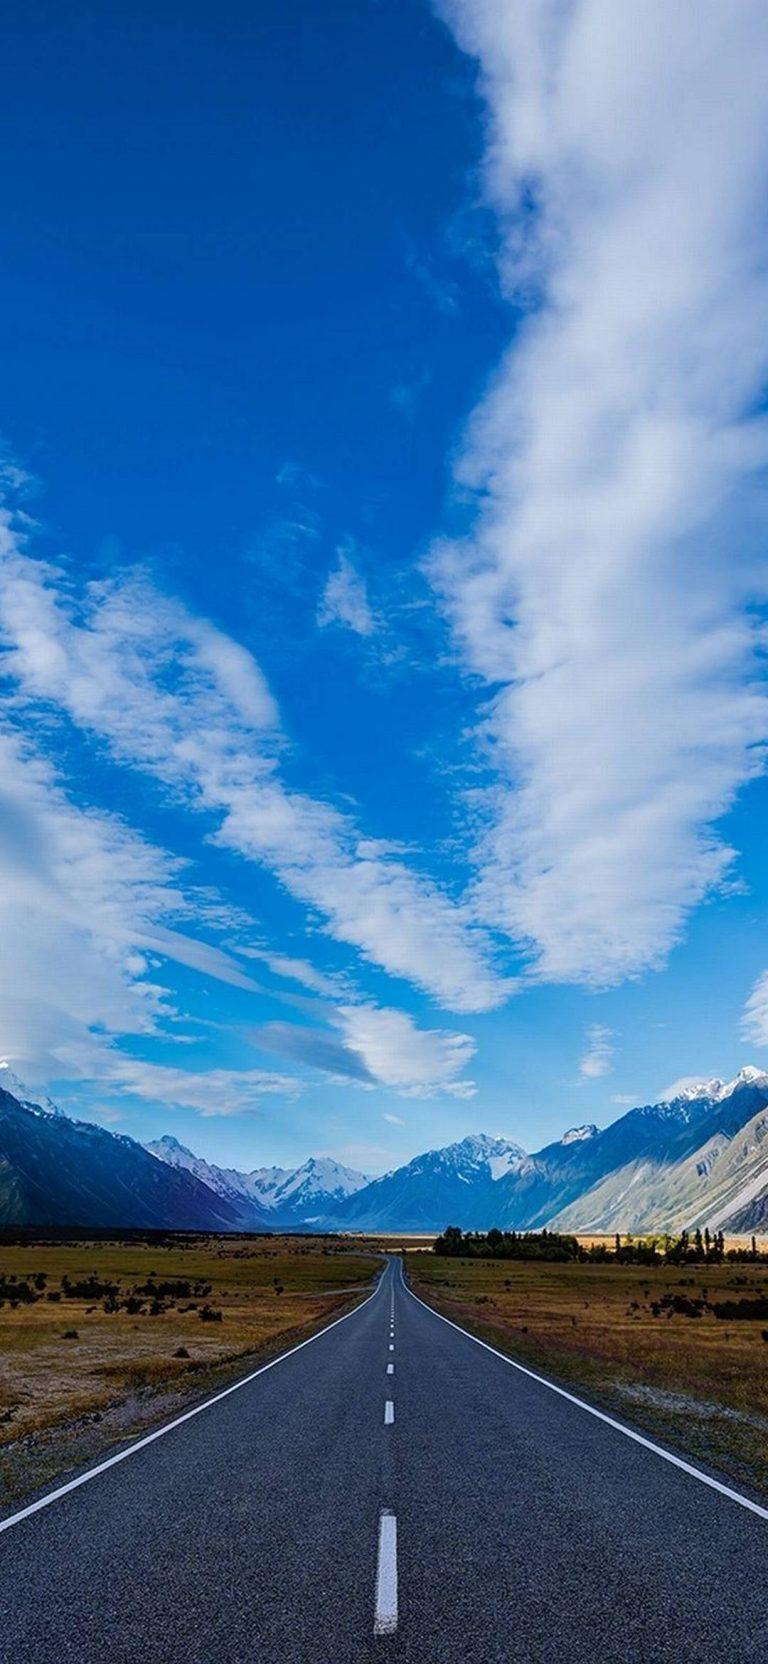 Road Sky Path 1080x2340 768x1664